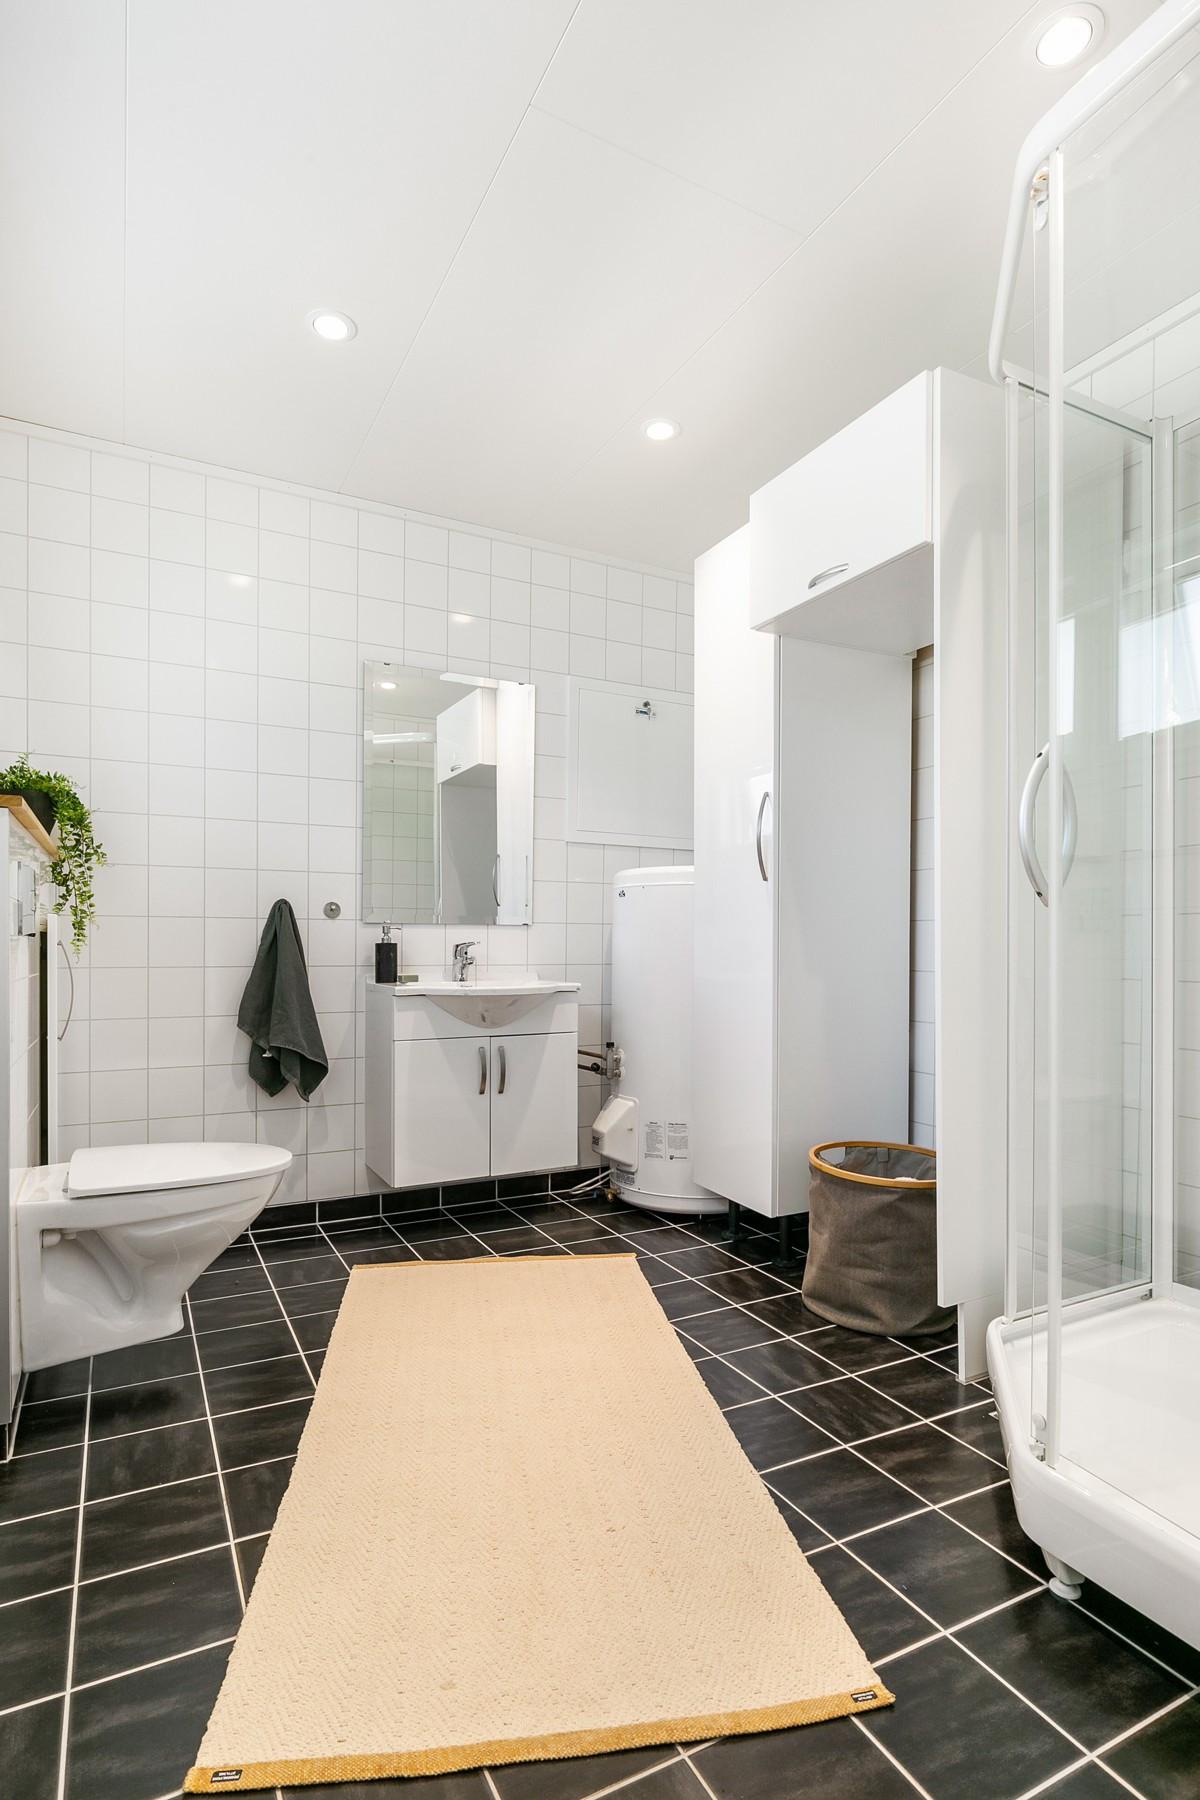 Baderom med liser på gulv, dusjkabinett og rom for vask/tørk